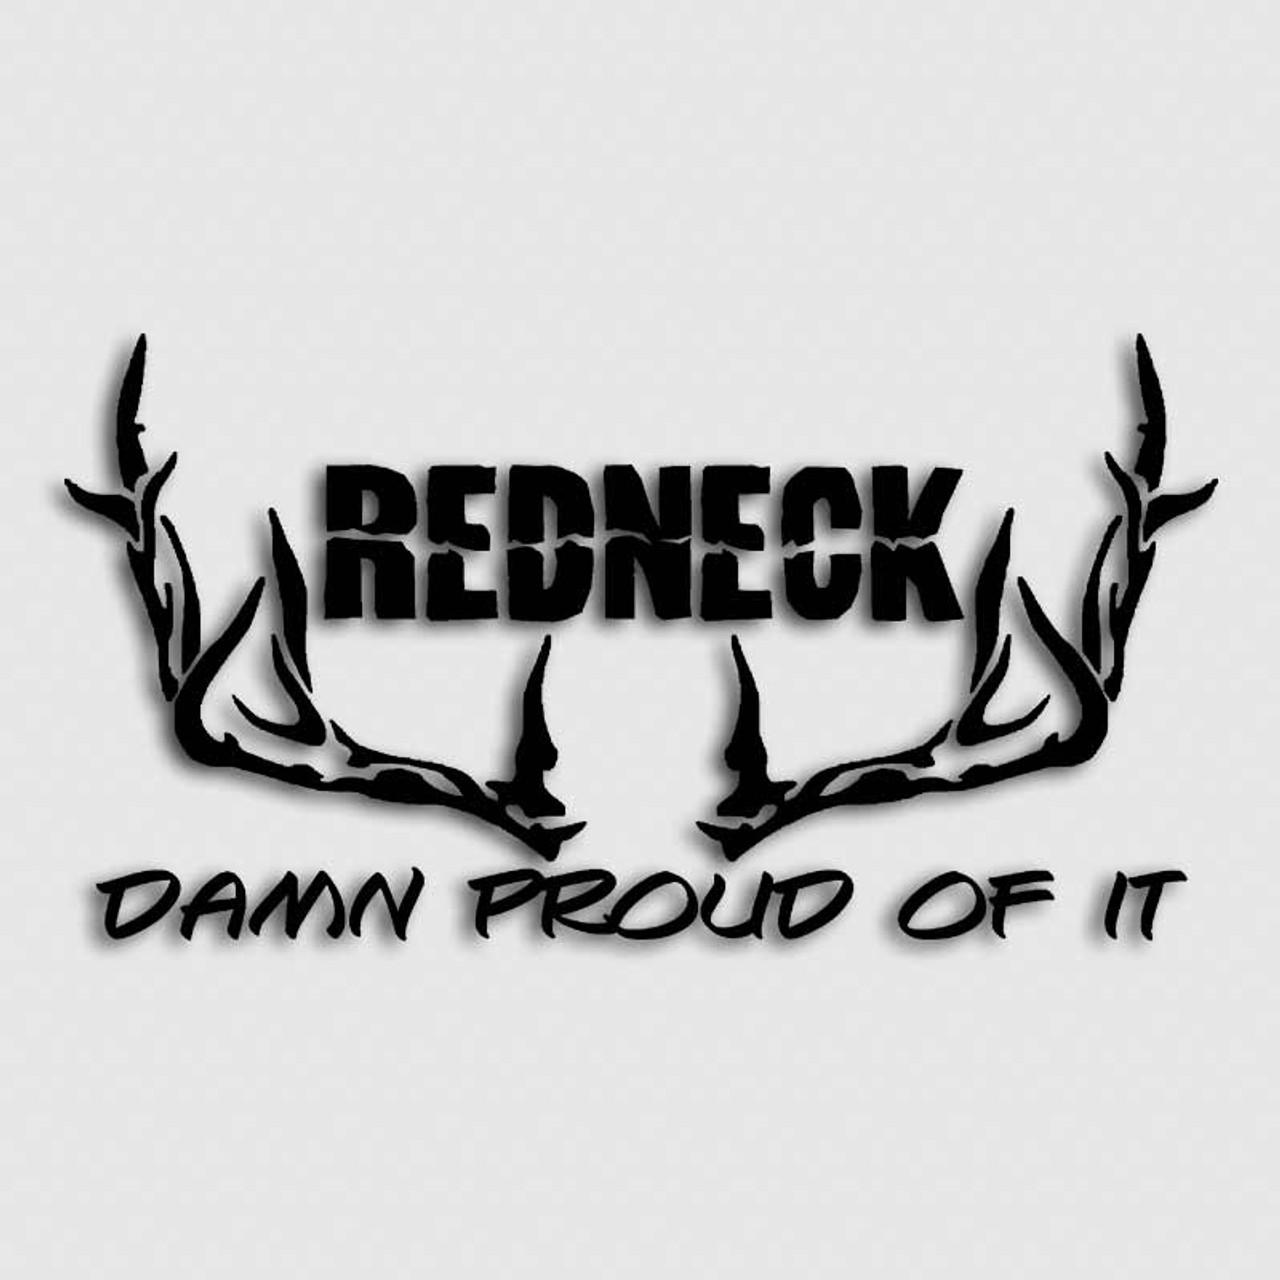 Whitetail Deer Redneck Damn Proud Hunting Decal